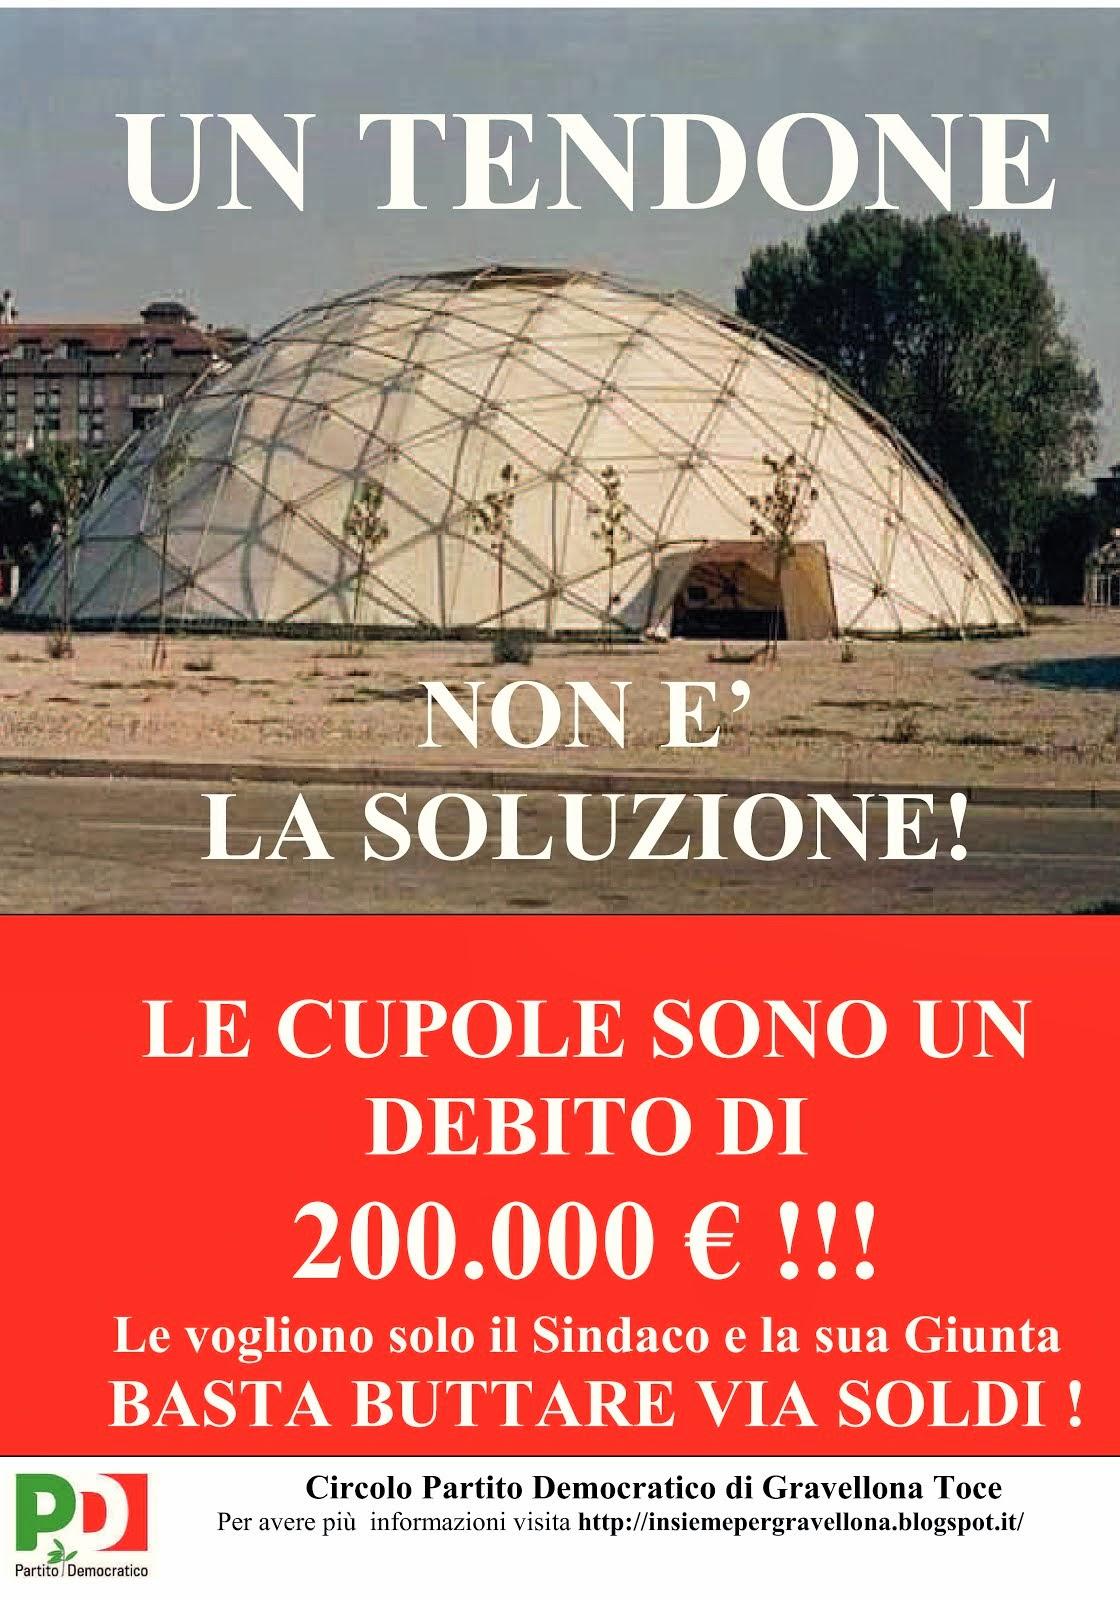 NOI L'AVEVAMO DETTO NEL 2012 !